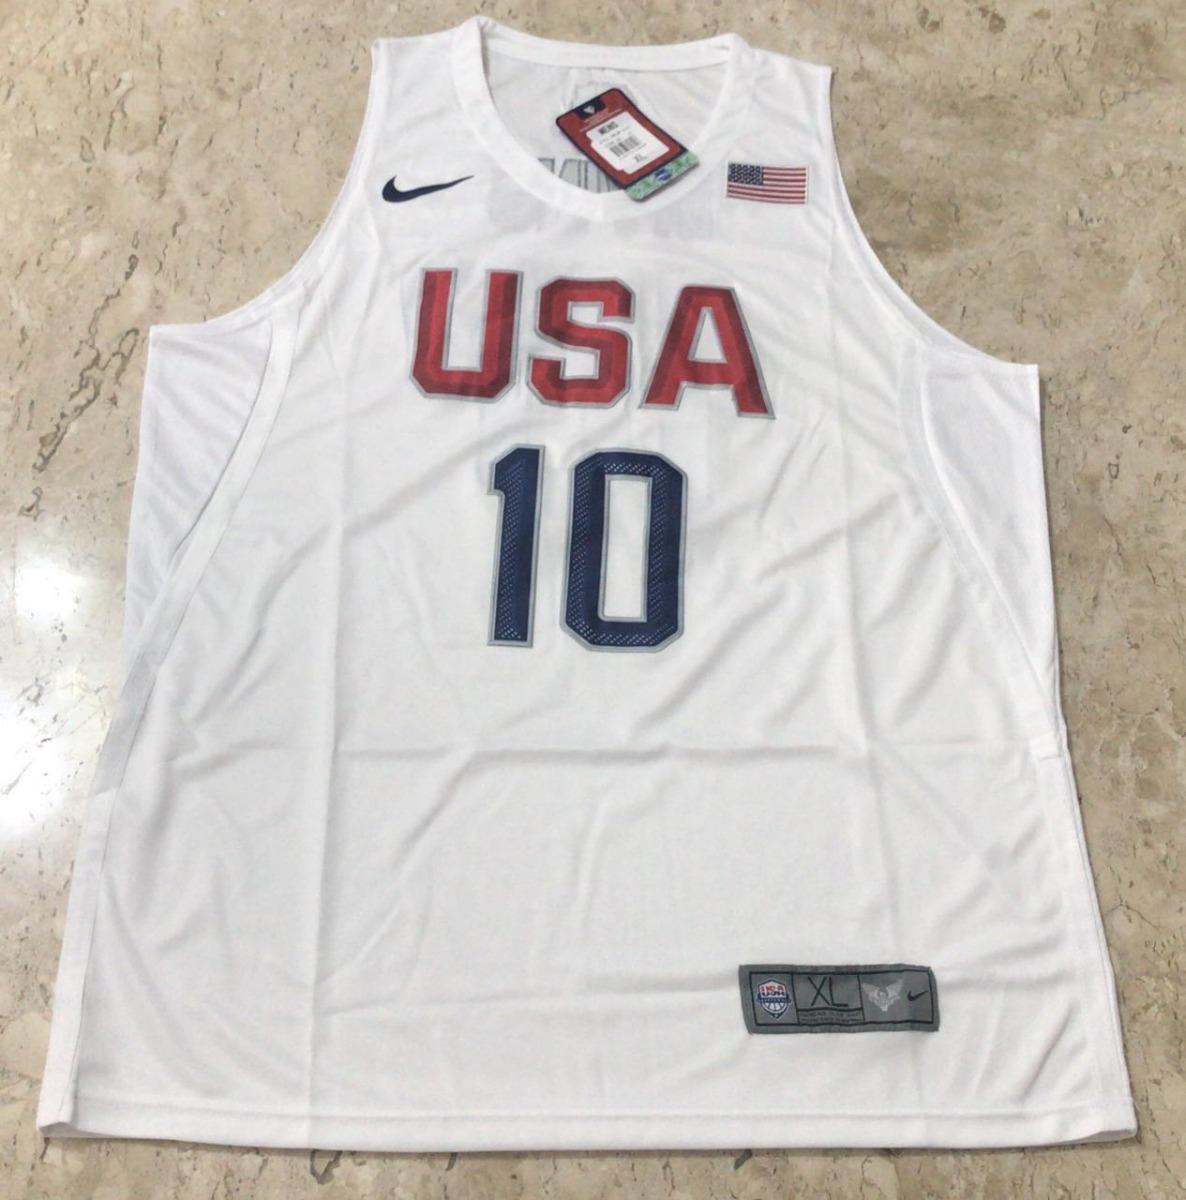 0d33160546bc0 camisa nike seleção basquete eua 2017 (usa) - pronta entrega. Carregando  zoom.